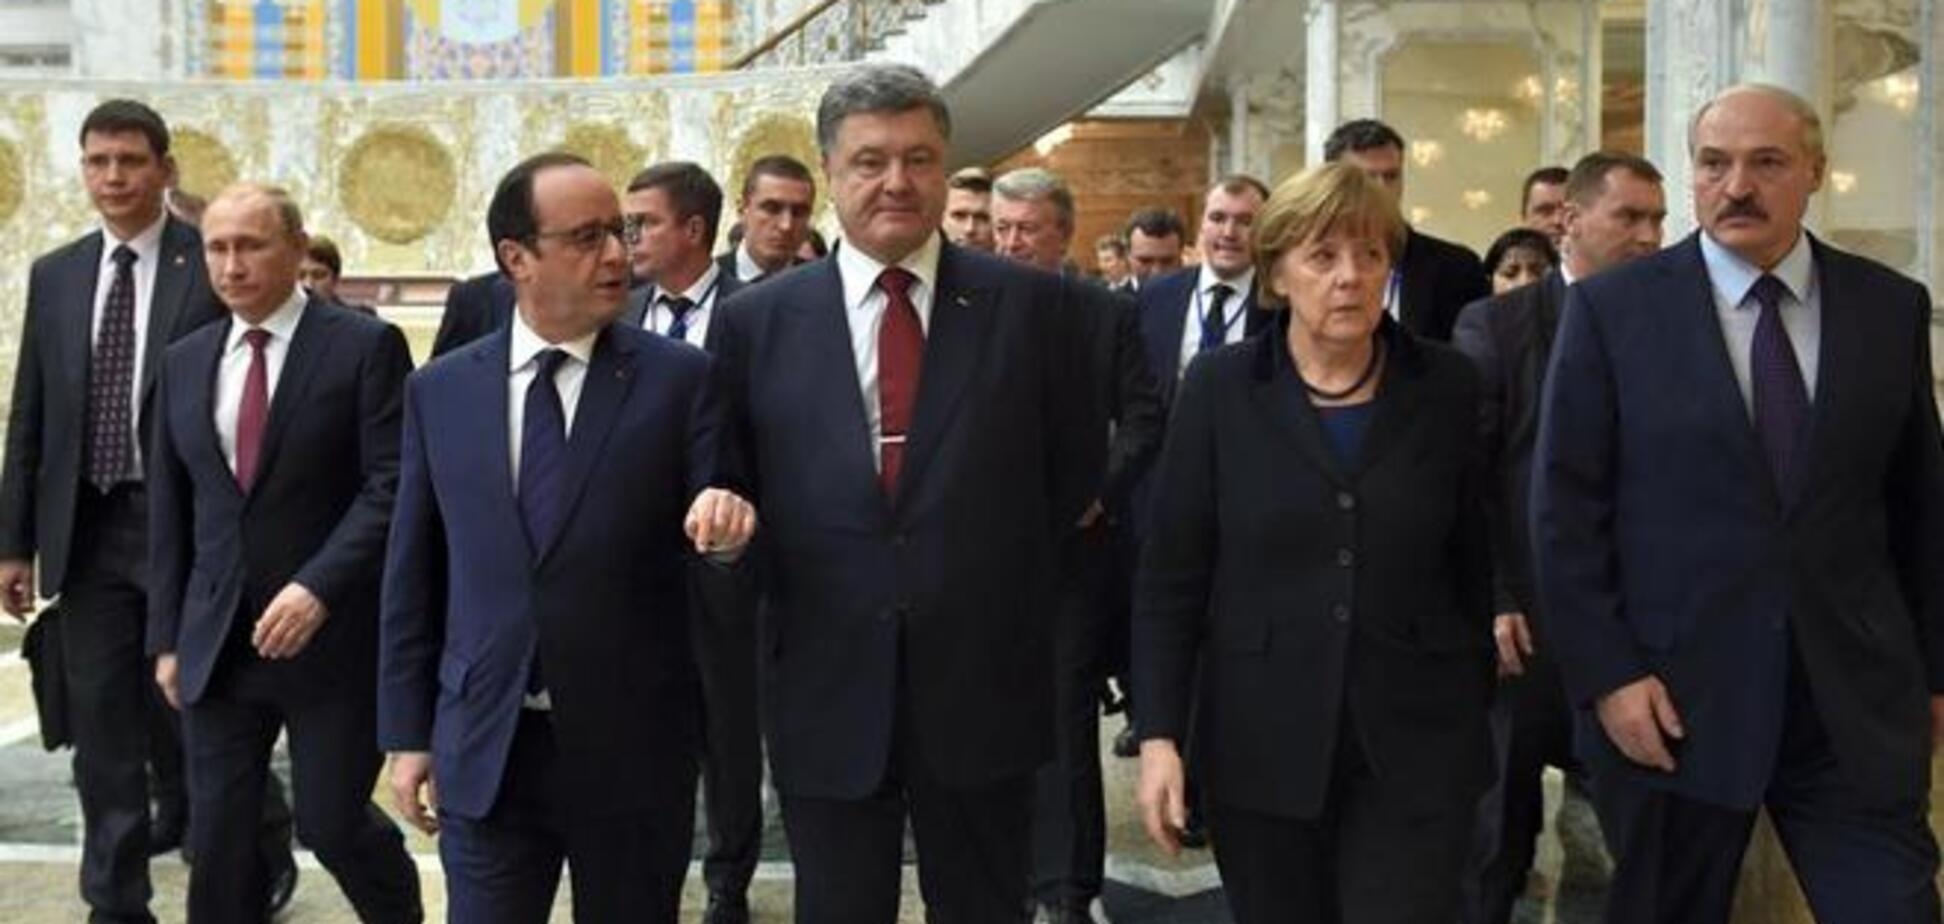 Минские переговоры: подробности и первые итоги